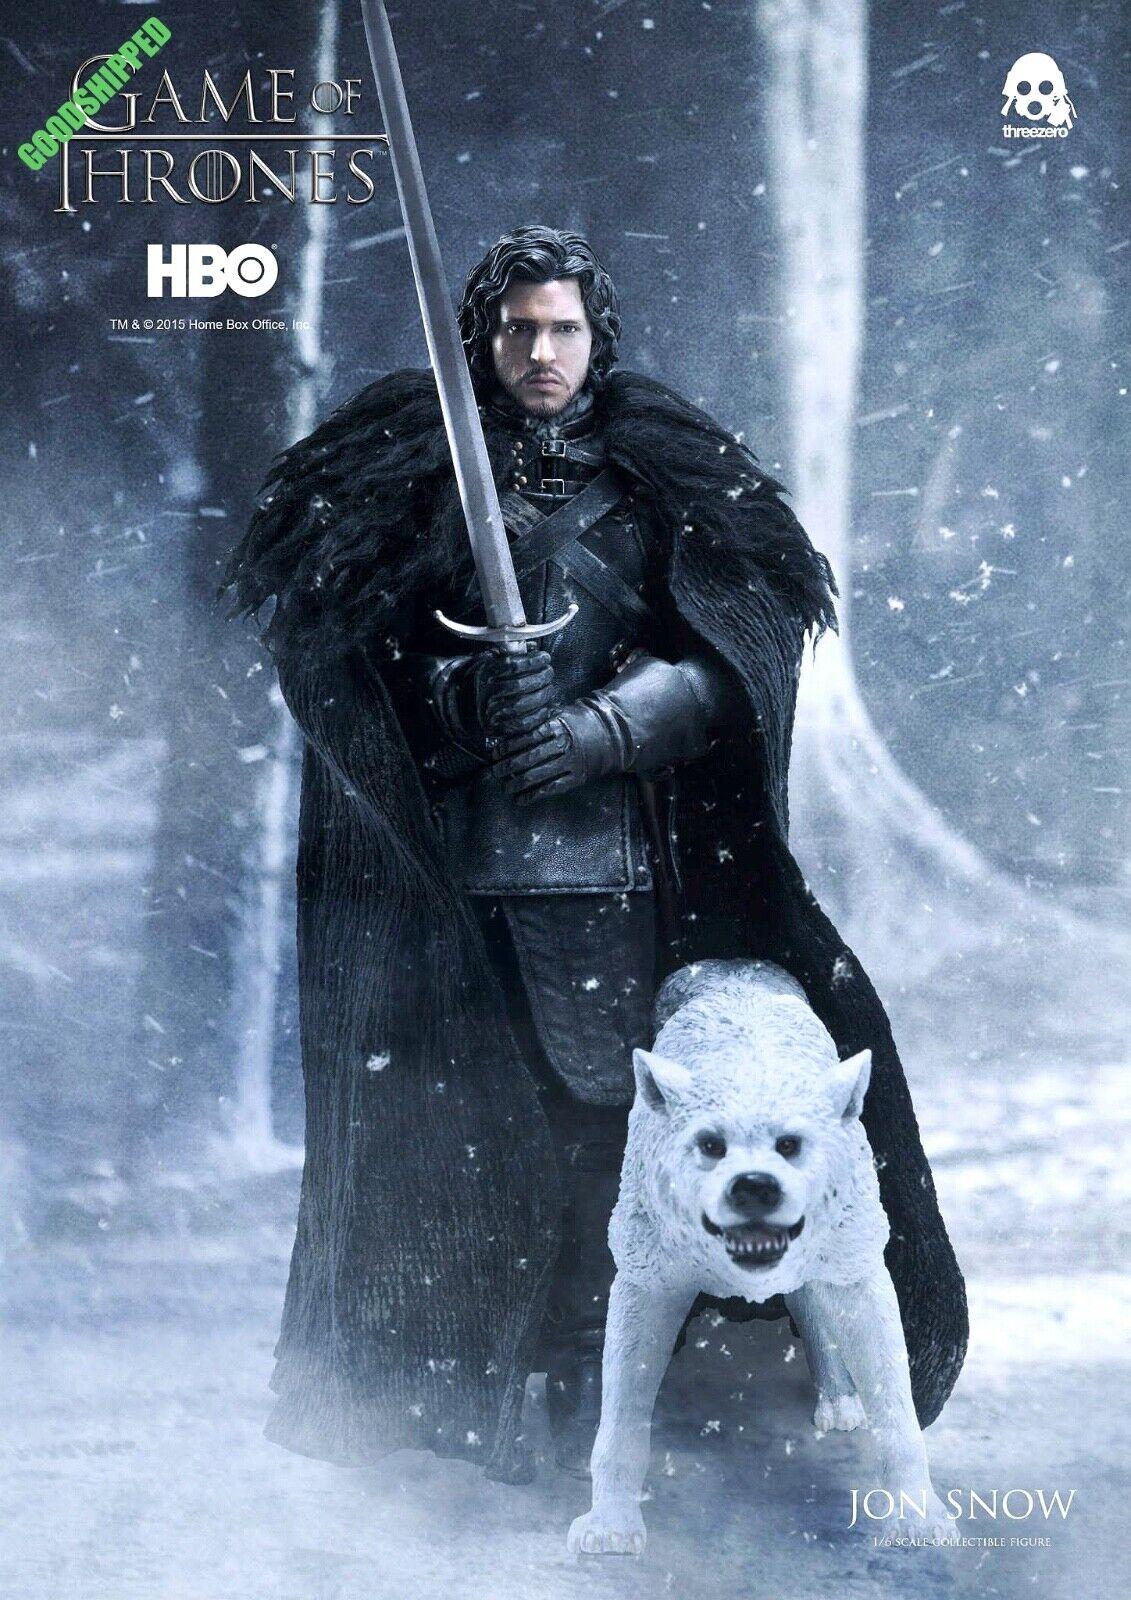 Listo THREEZERO HBO Juego de Tronos Jon Snow Albino huargo Fantasma De Lujo Menta en Caja Sellada